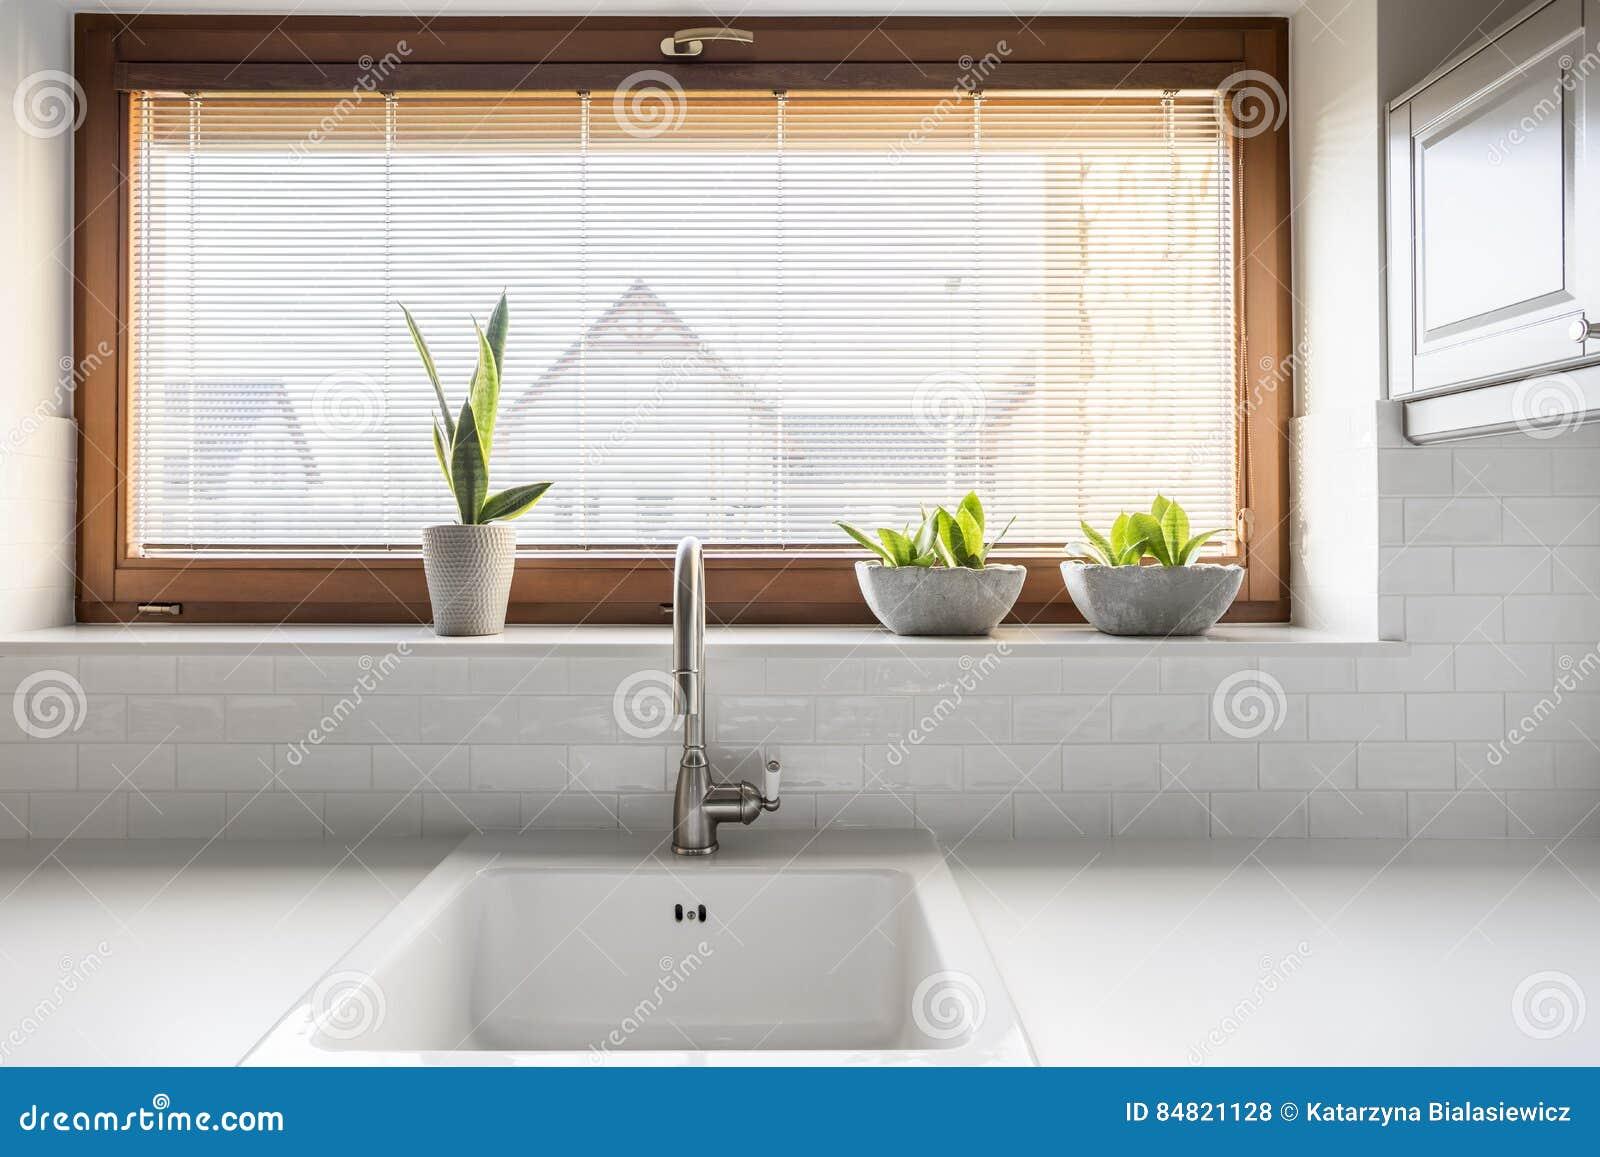 Küche Mit Wanne Und Fenster Stockfoto - Bild von küche, funktionell ...